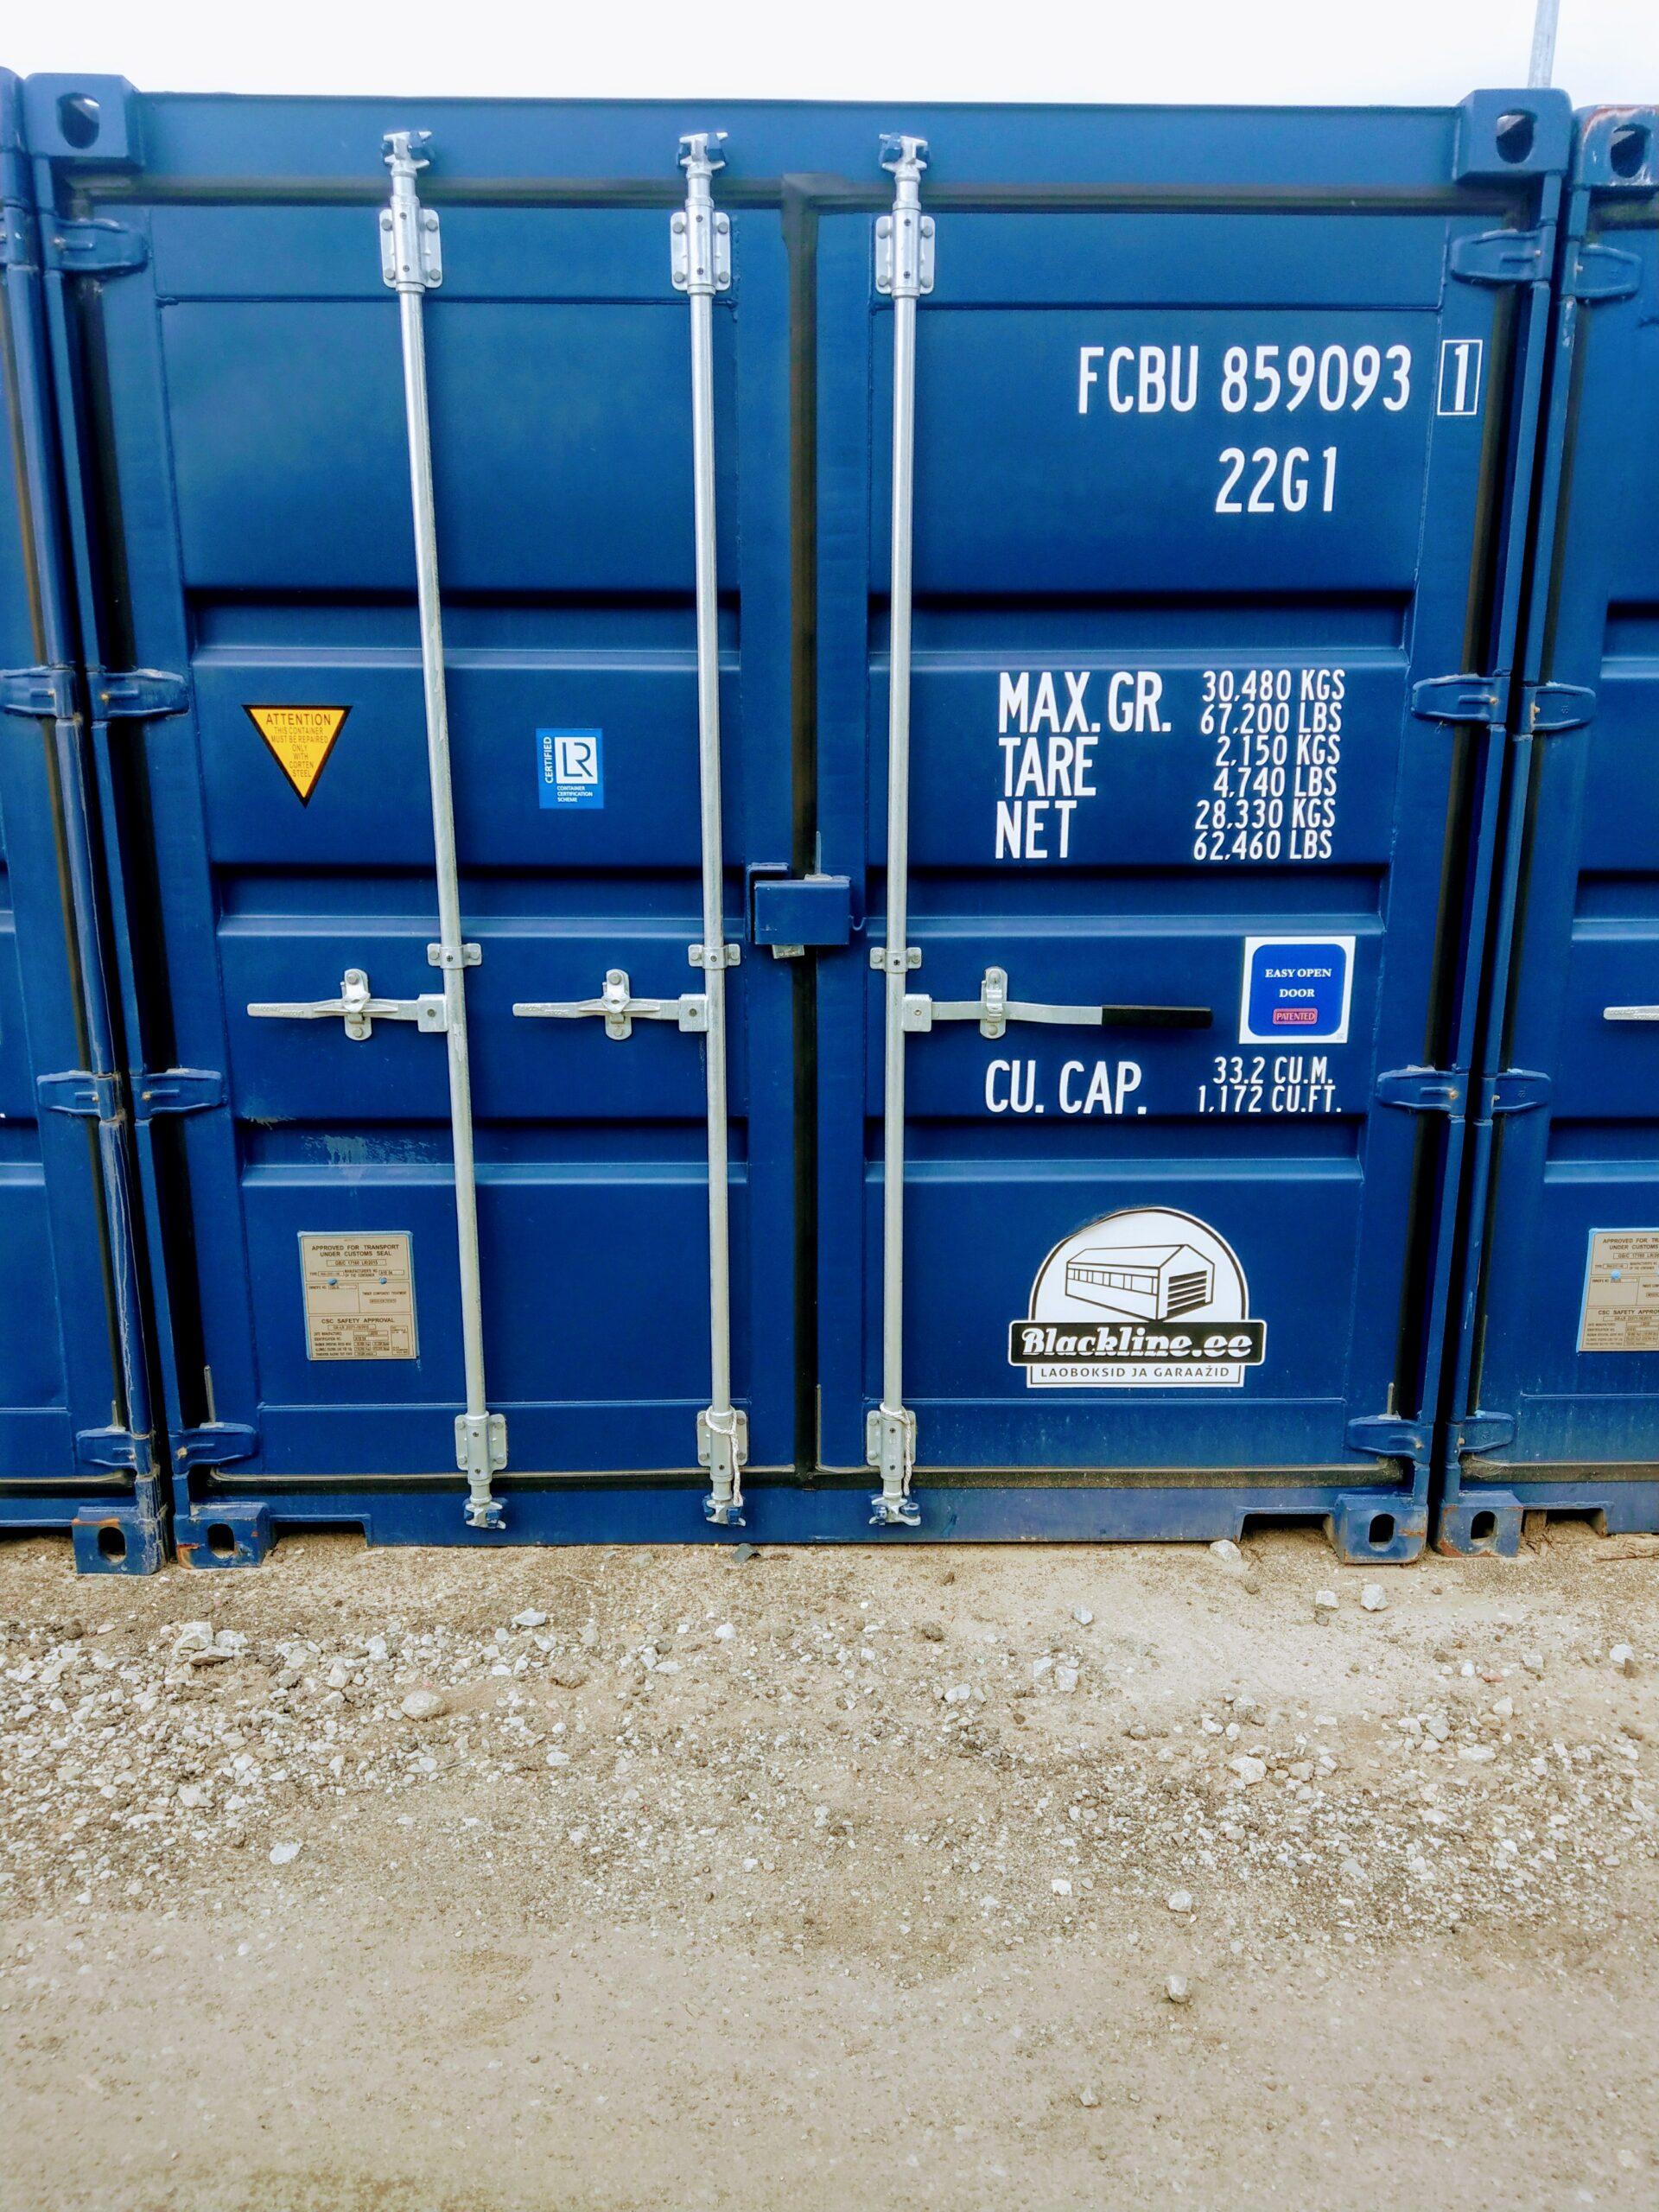 Uus konteinerladu nr 5 – FCBU8590933